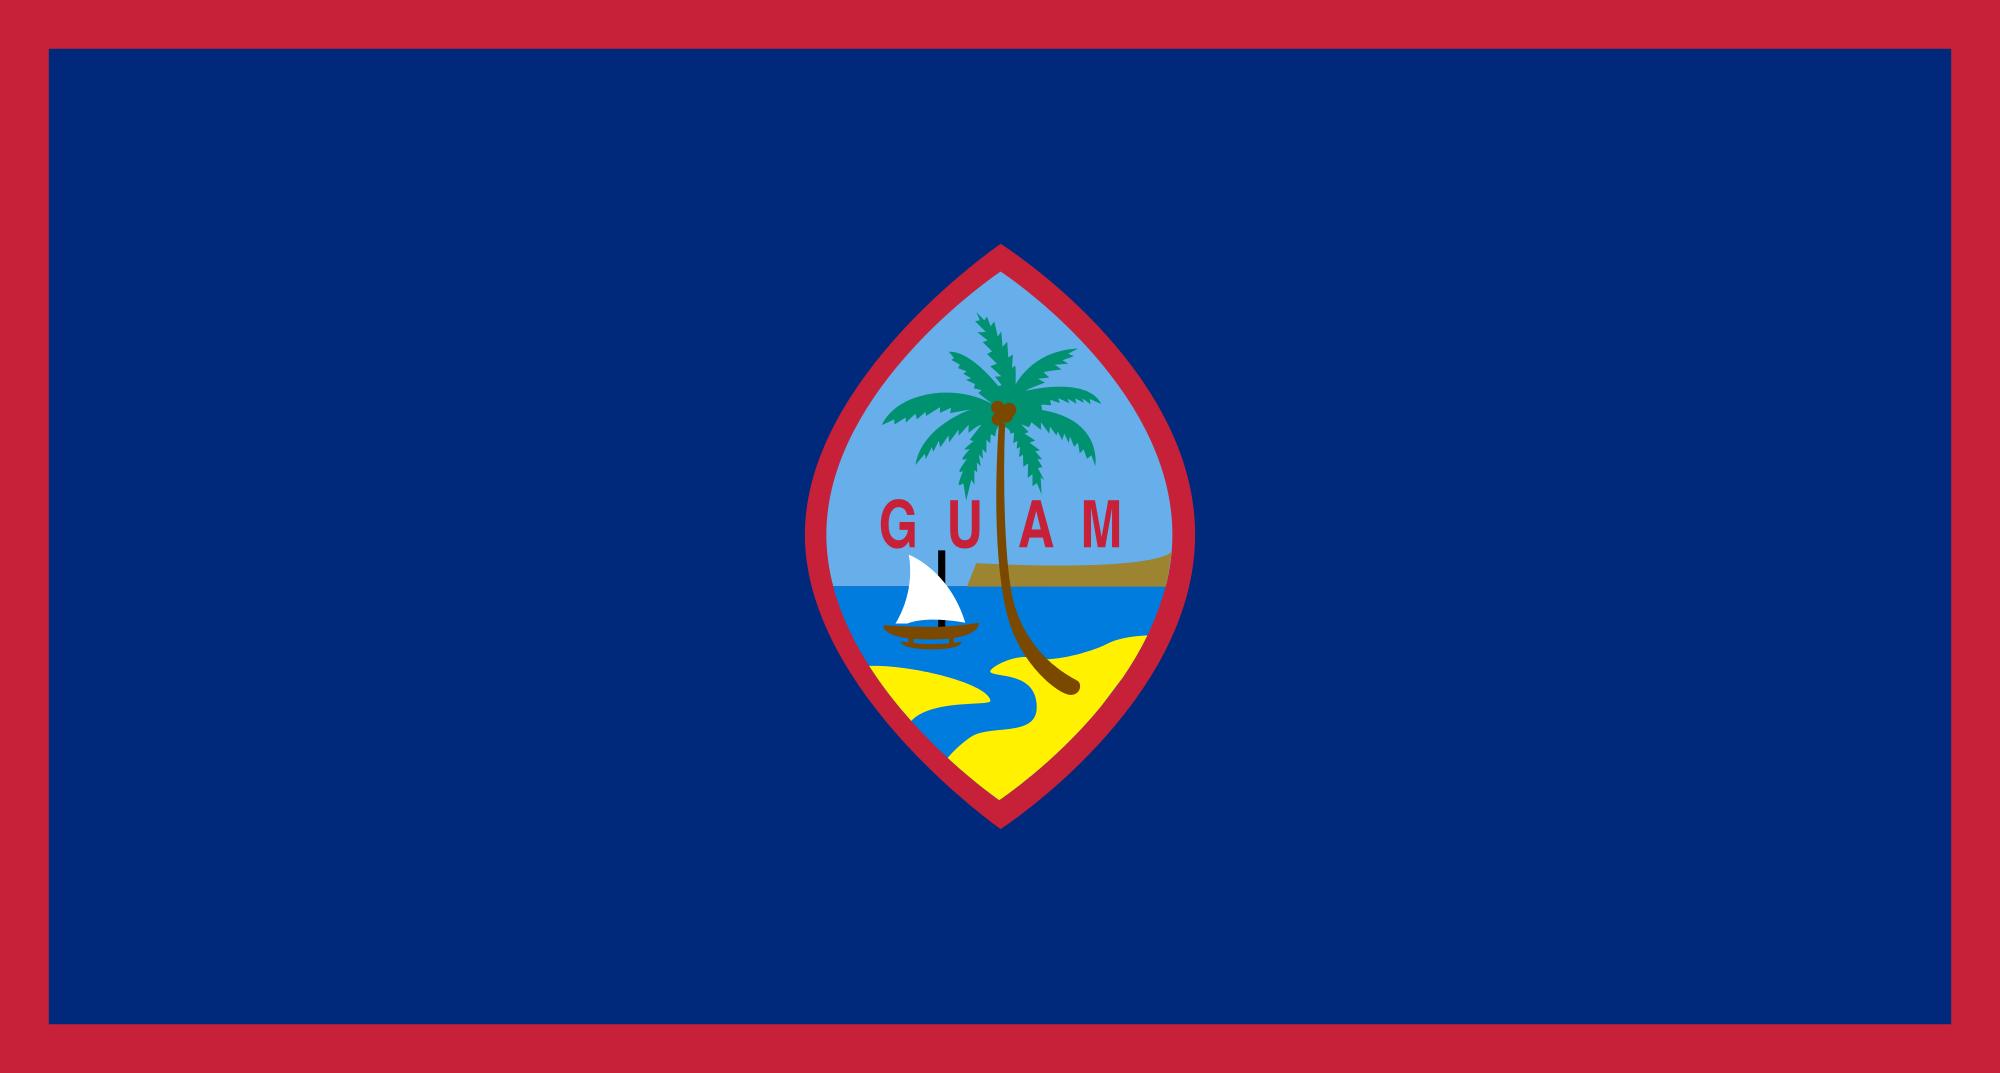 Guam, país, Brasão de armas, logotipo, símbolo - Papéis de parede HD - Professor-falken.com